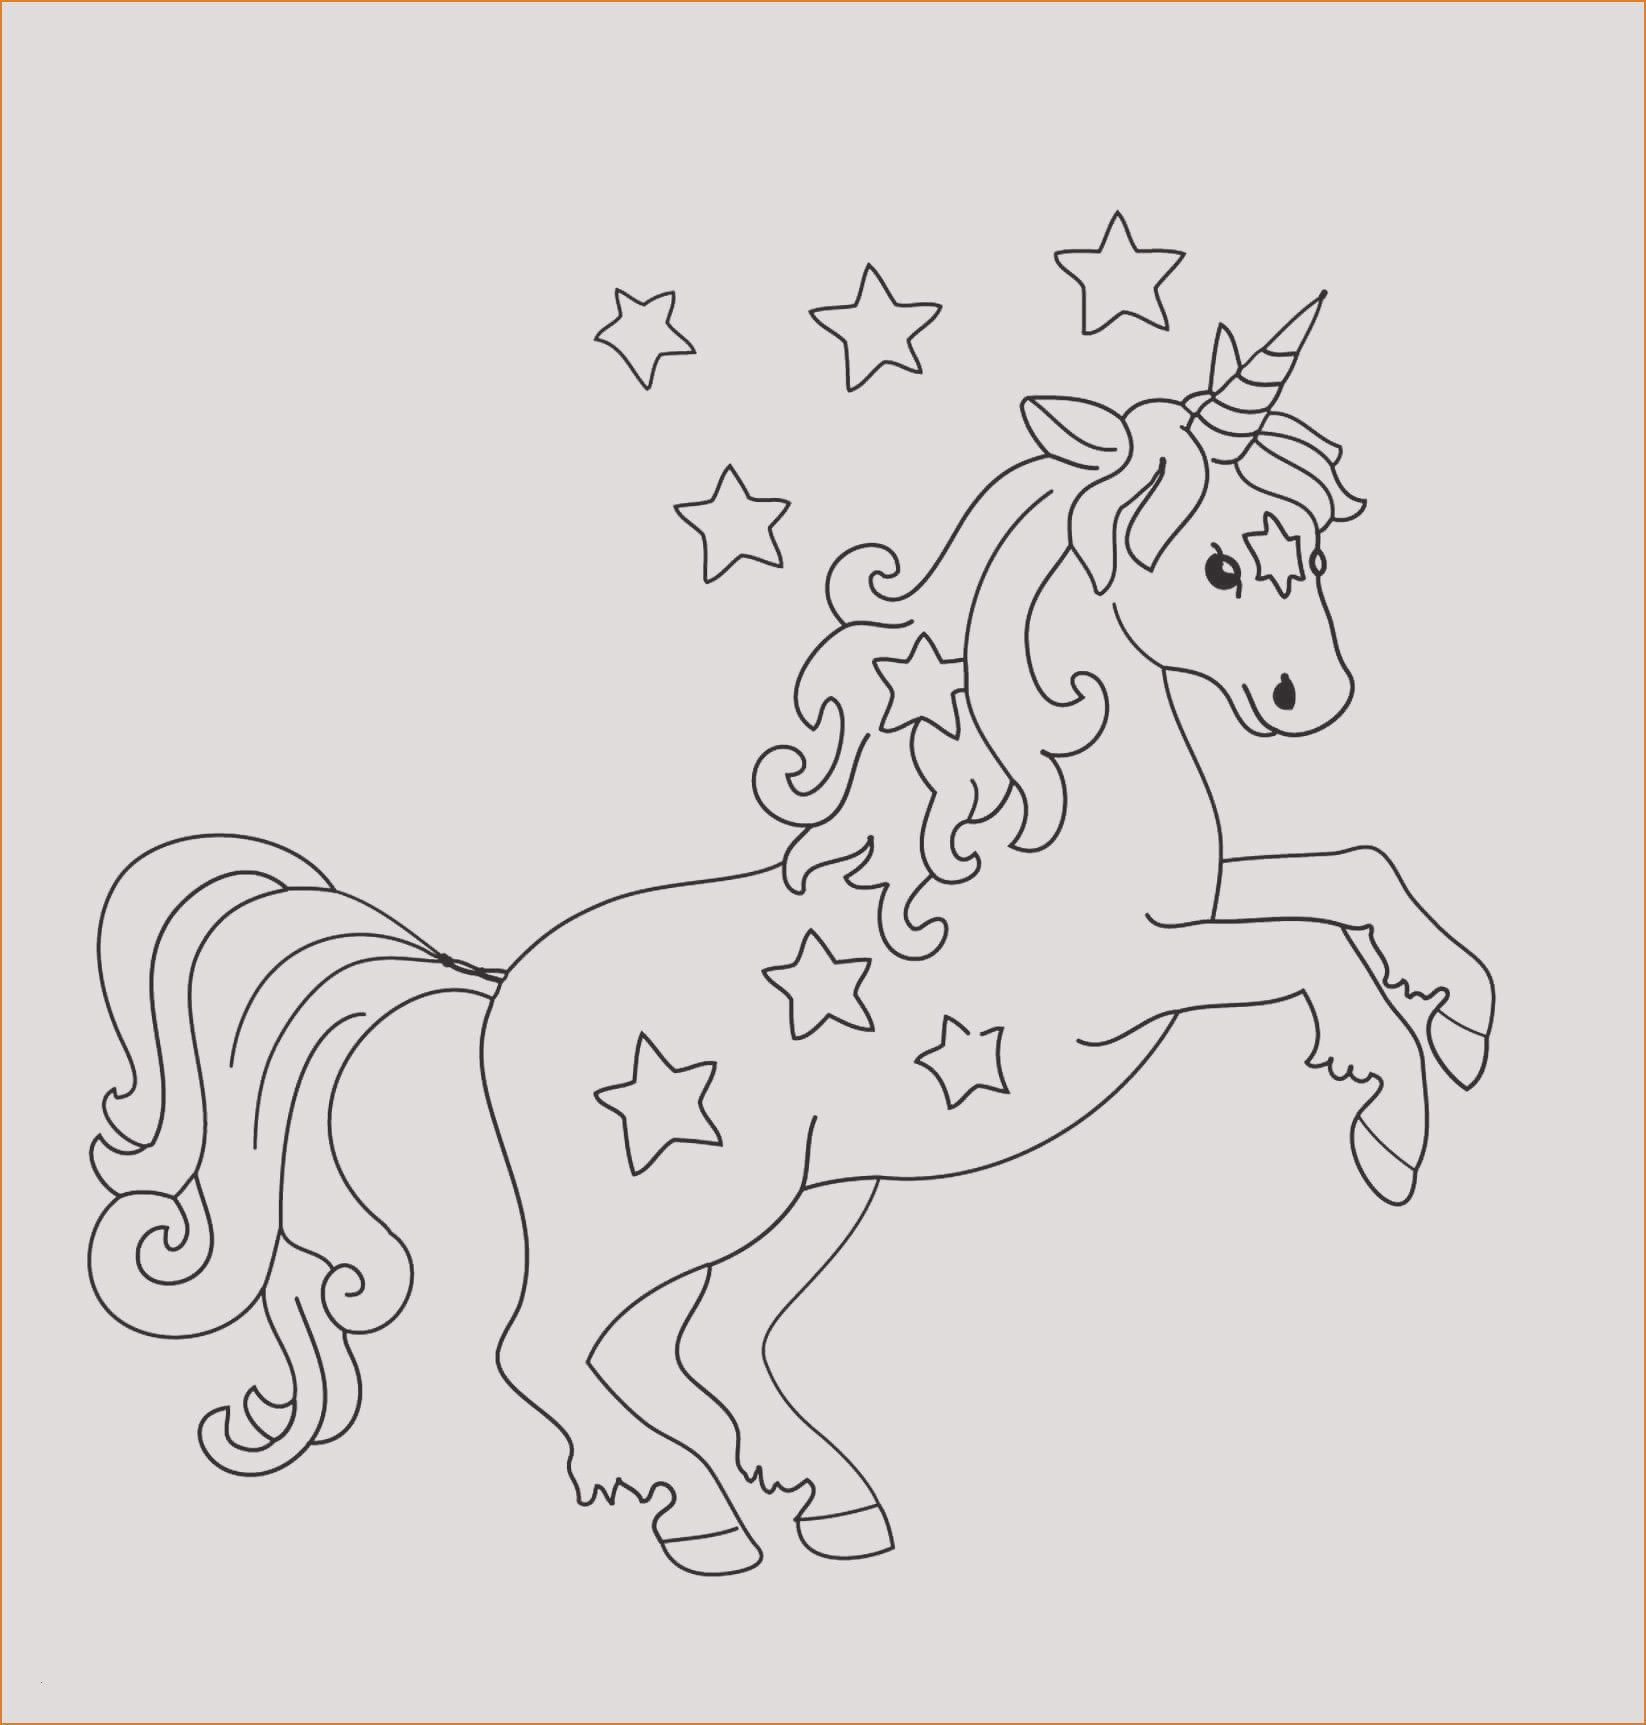 53 Das Beste Von Ausmalbilder Pferde Fotografieren Einhorn Zum Ausmalen Ausmalbilder Pferde Zum Ausdrucken Ausmalbilder